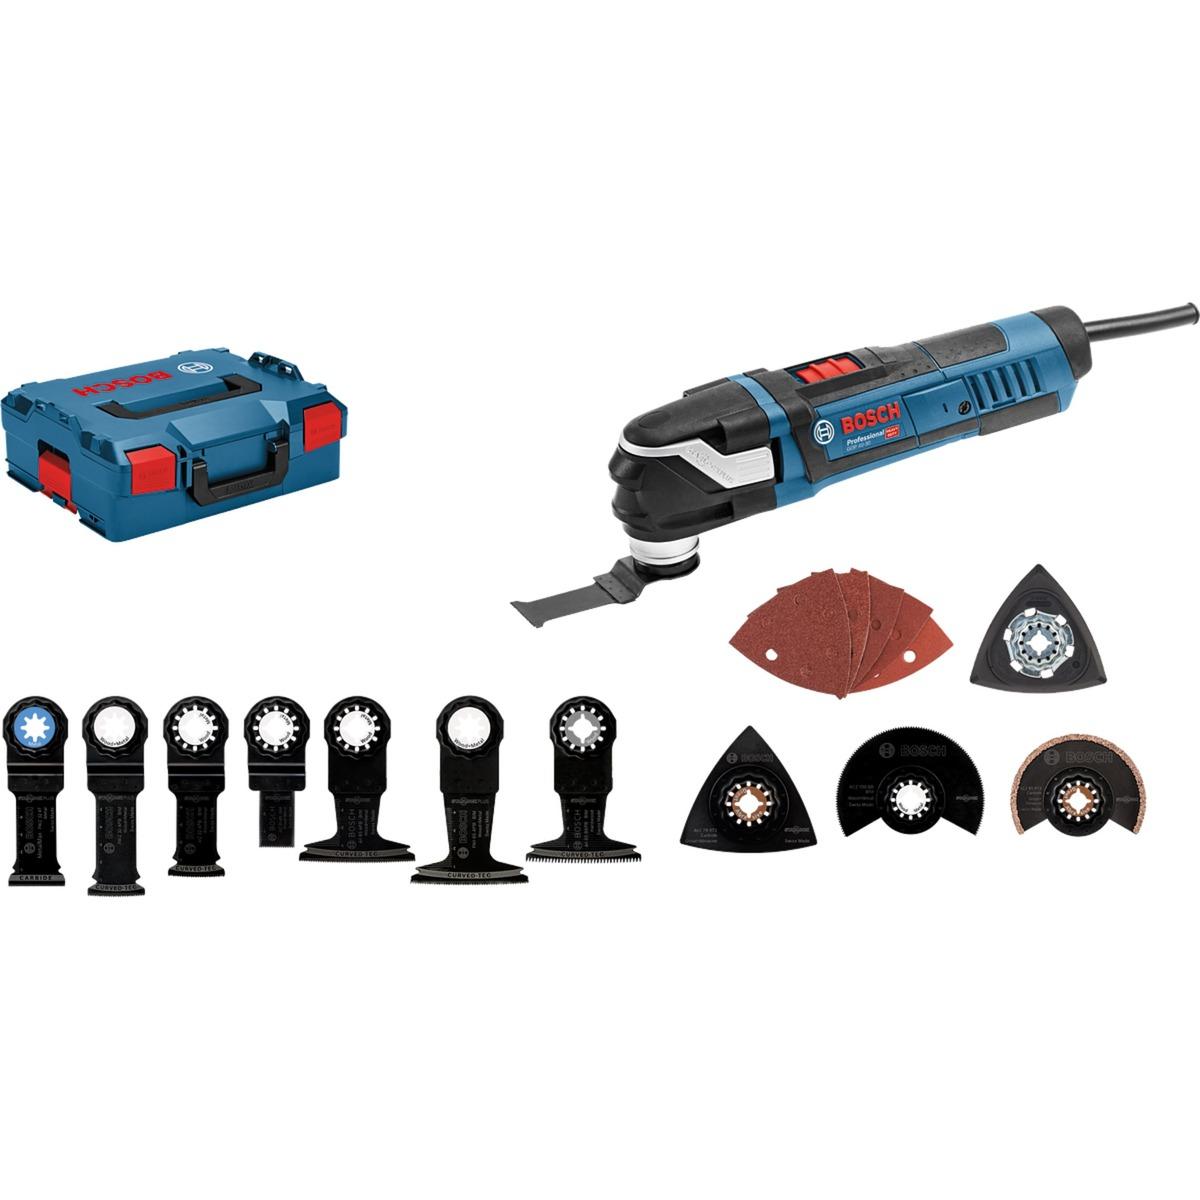 GOP 40-30 Professional 20000RPM 400W cortadora universal, Herramienta multifunción